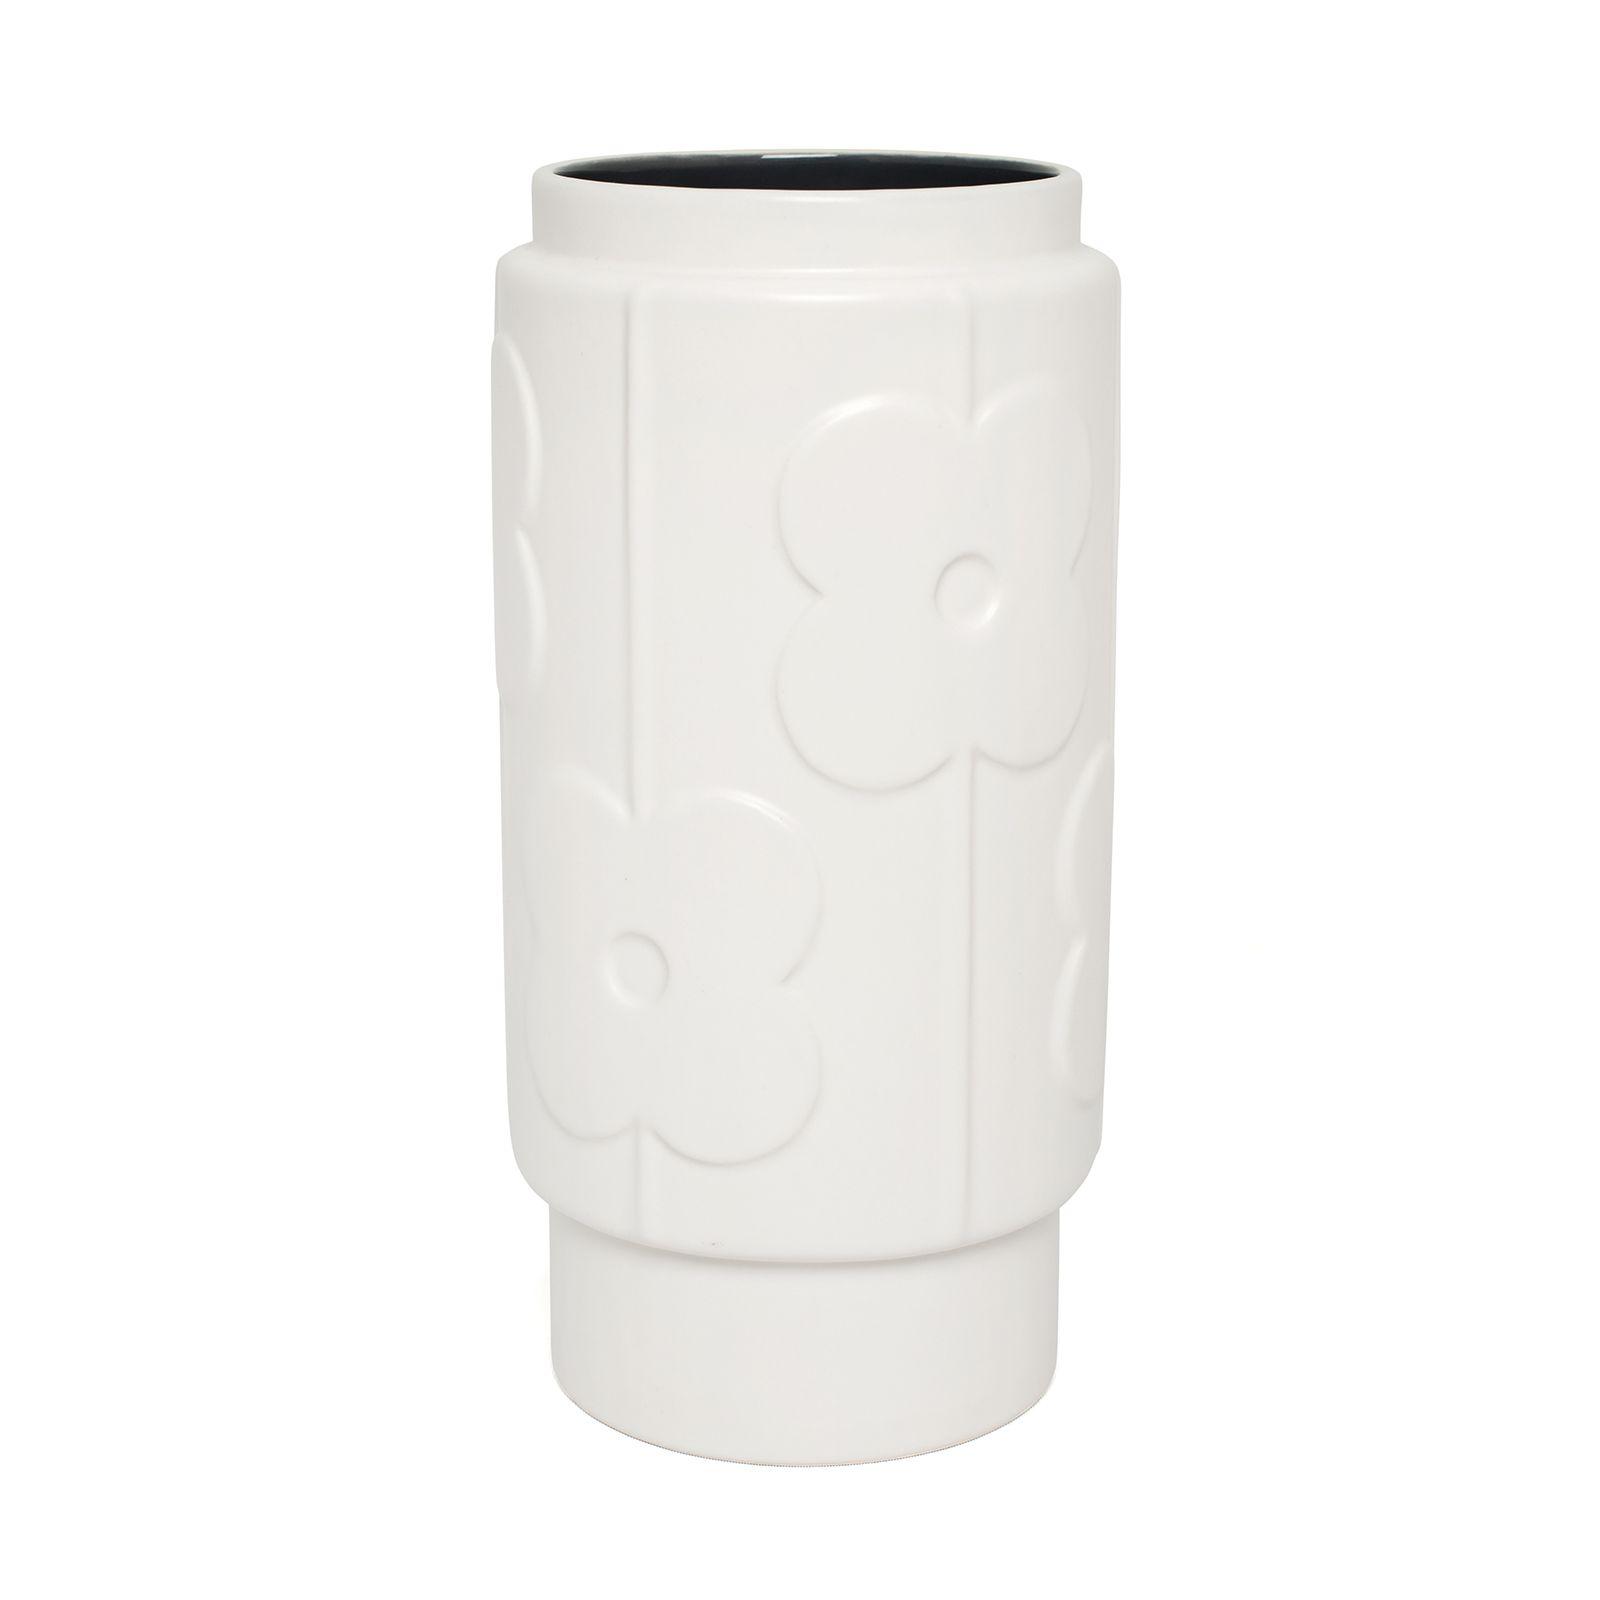 Orla kiely large vase with raised abacus flower design gloss orla kiely large vase with raised abacus flower design gloss finish and interior colour reviewsmspy